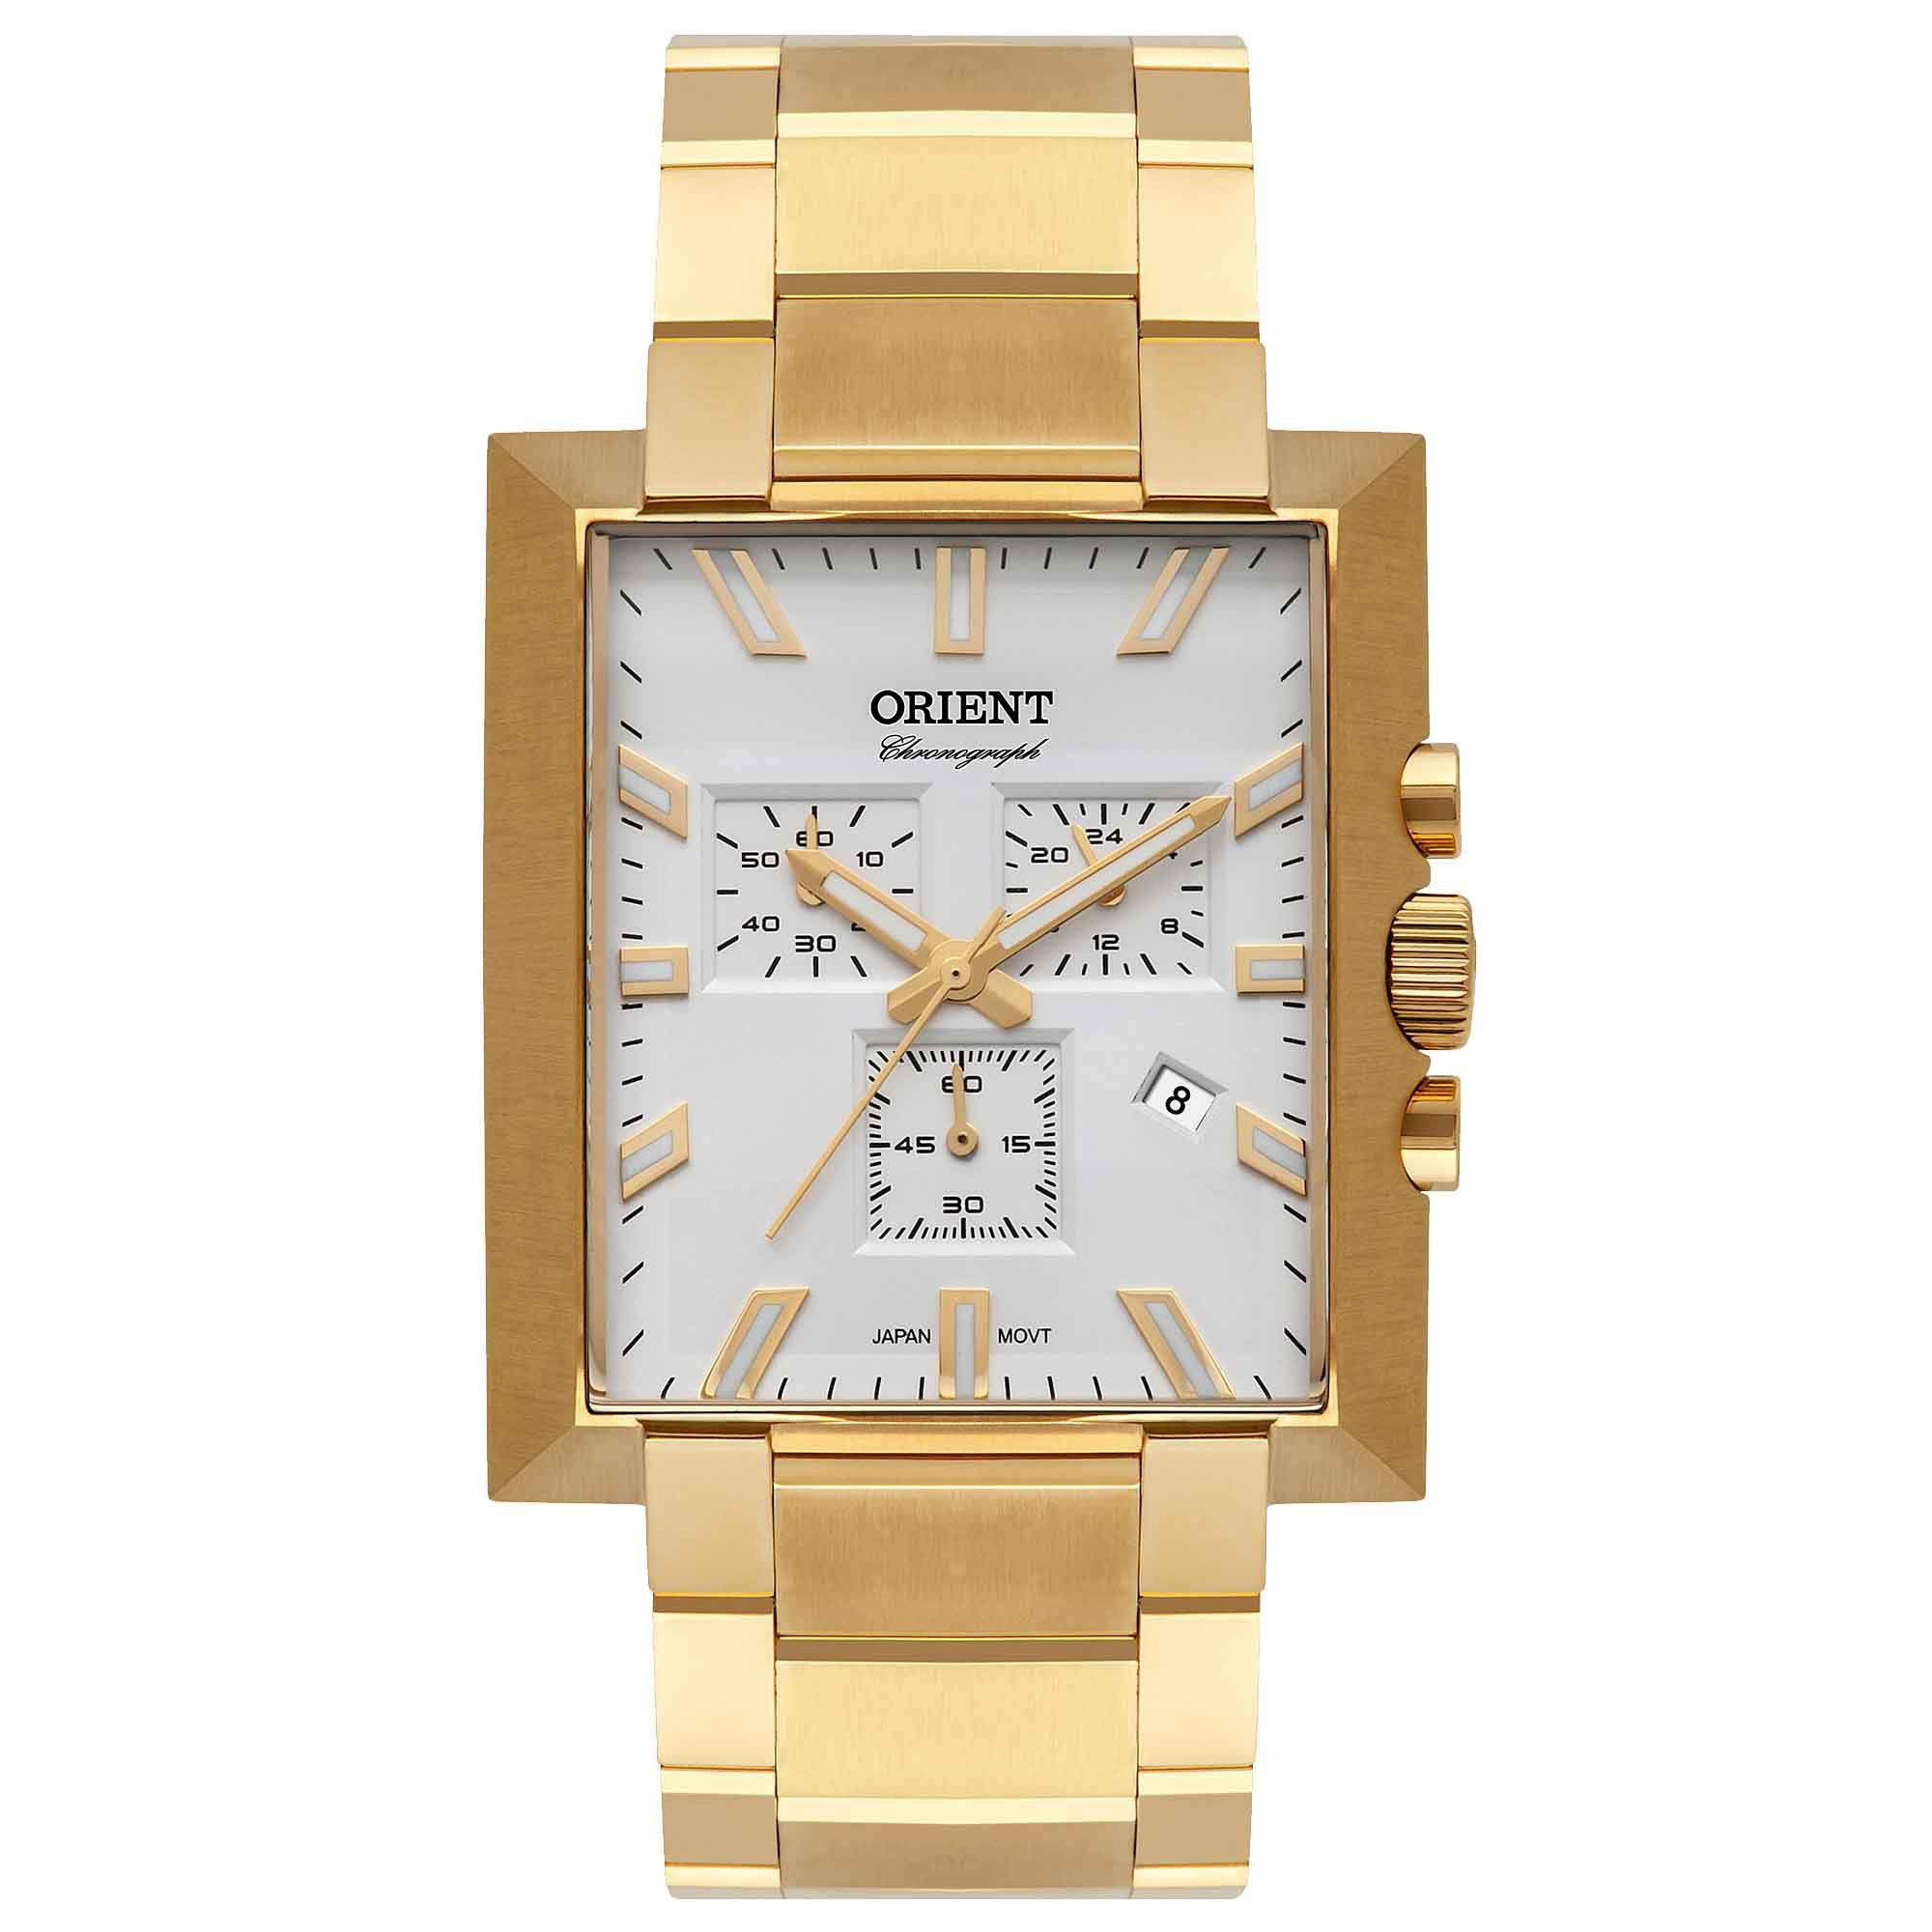 Relógio Masculino Orient GGSSC002 S1KX